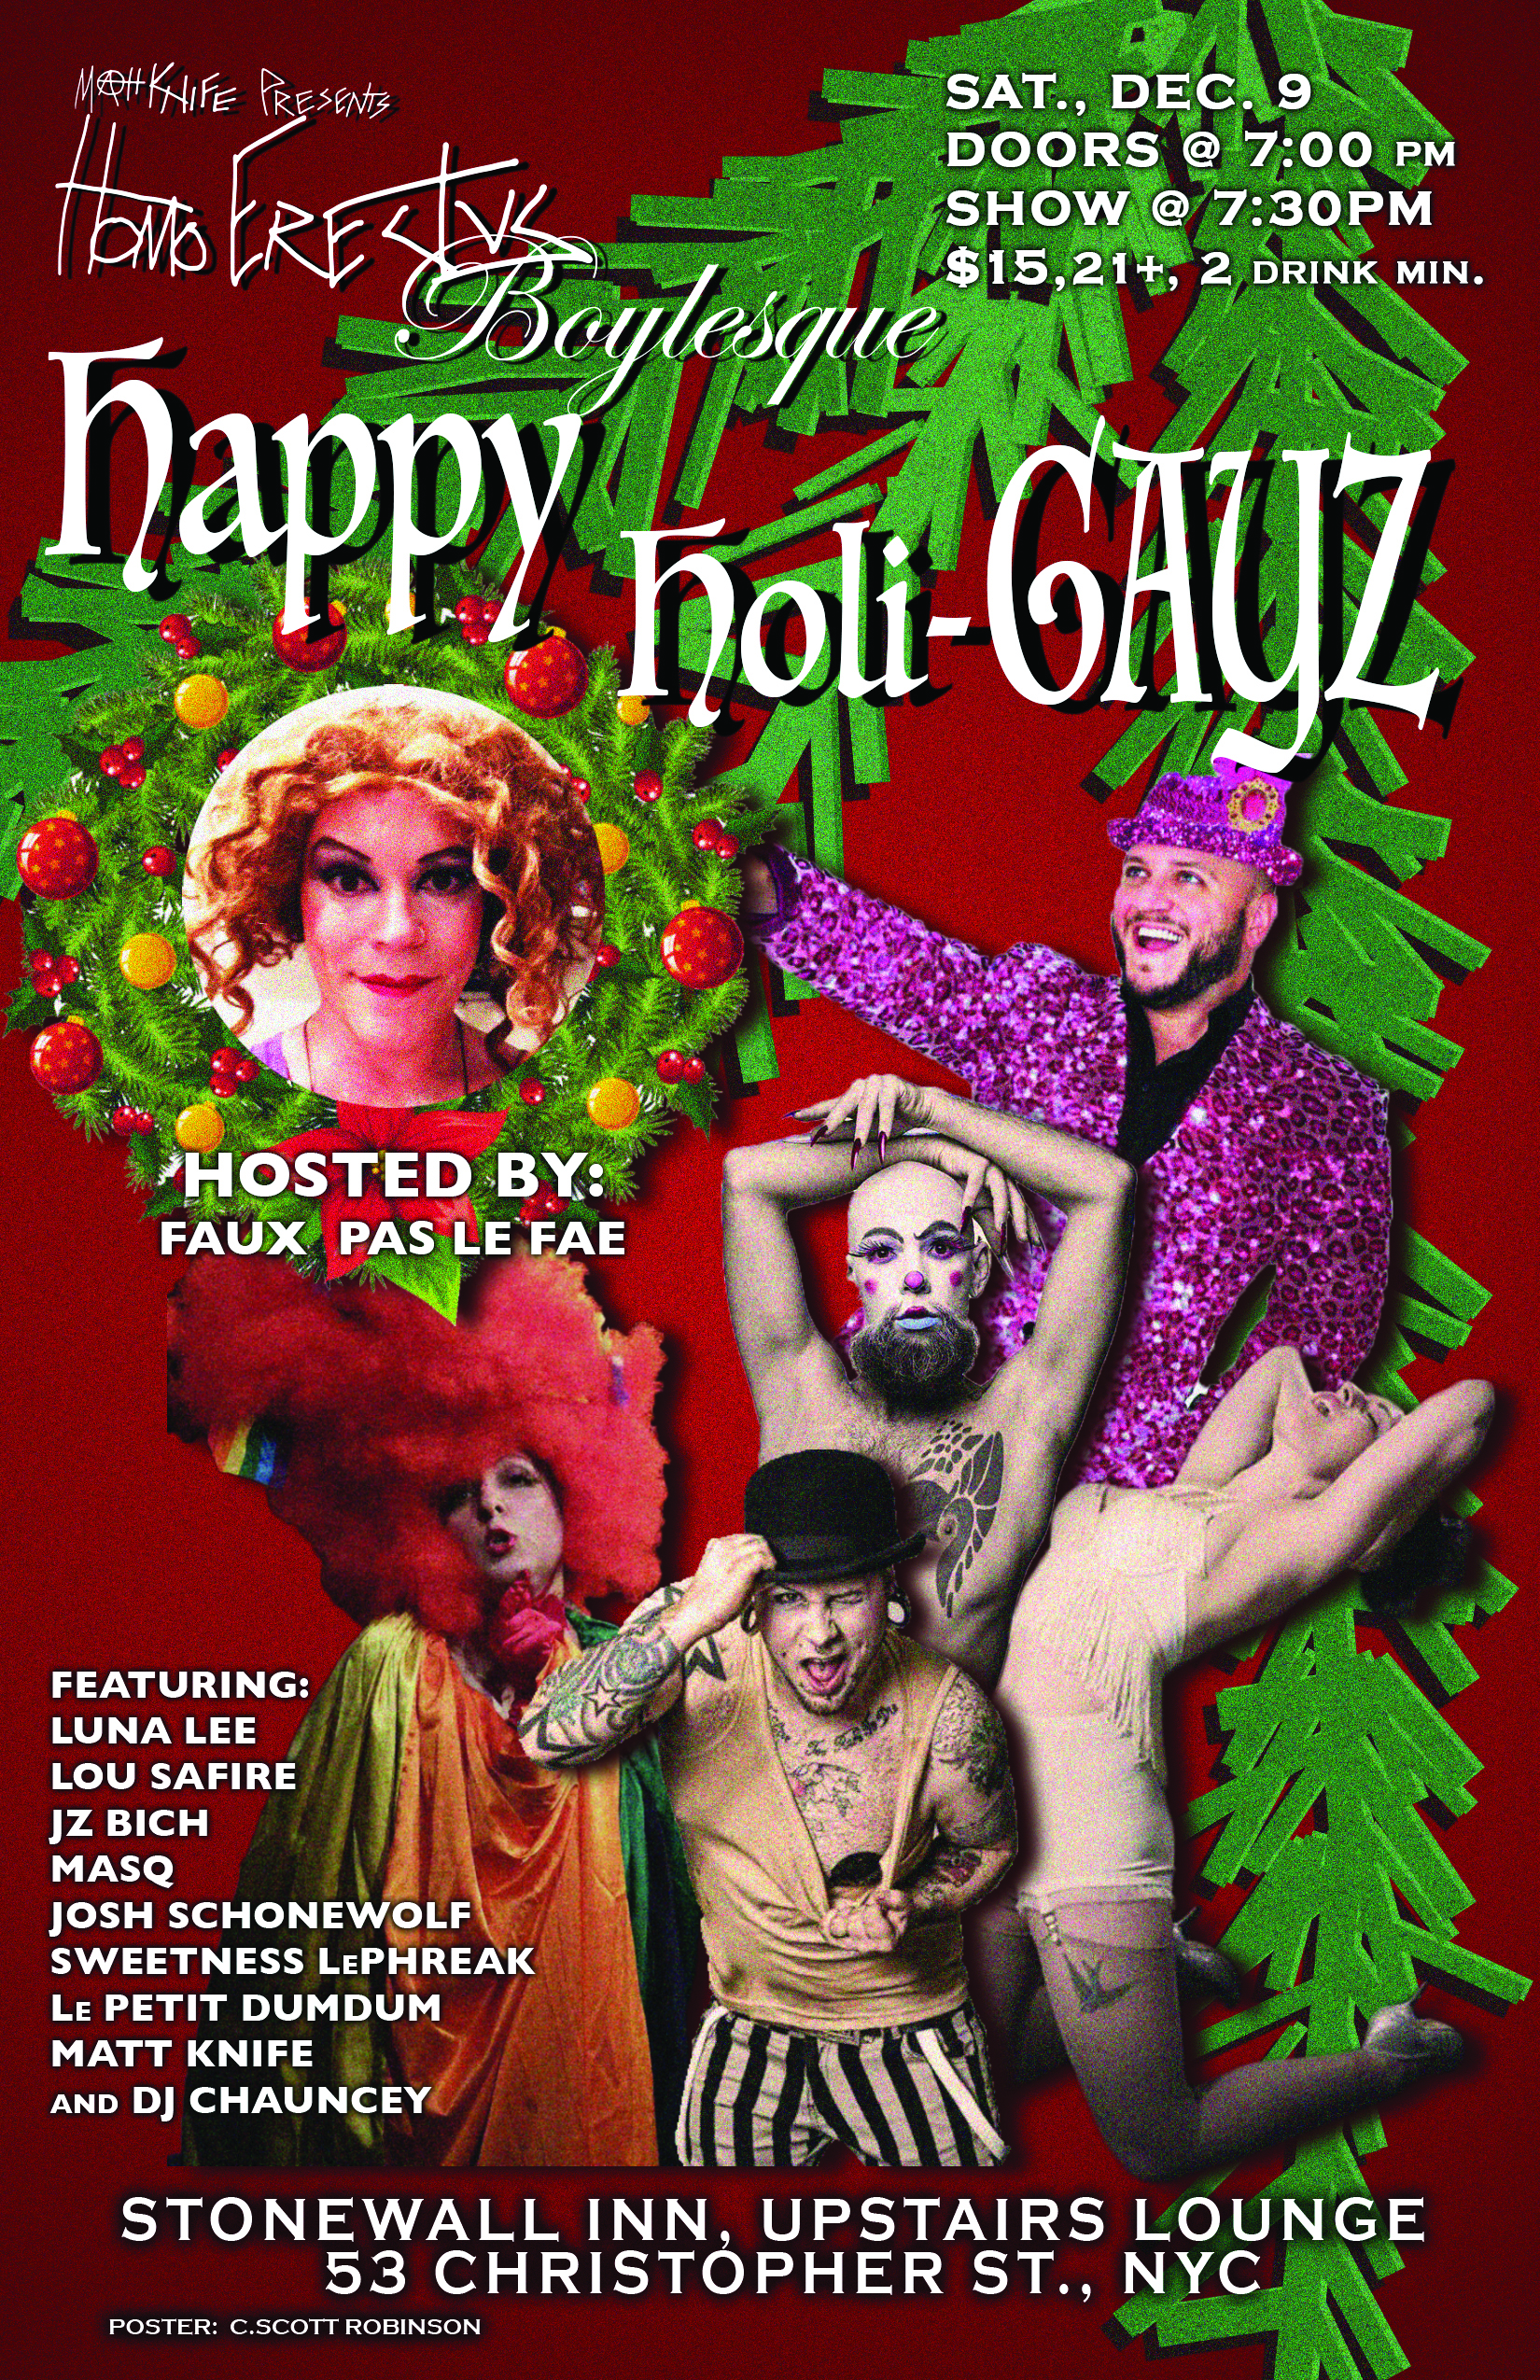 Homo Erectus Boylesque: Happy Holi-GAYZ @ Stonewall Inn   New York   New York   United States